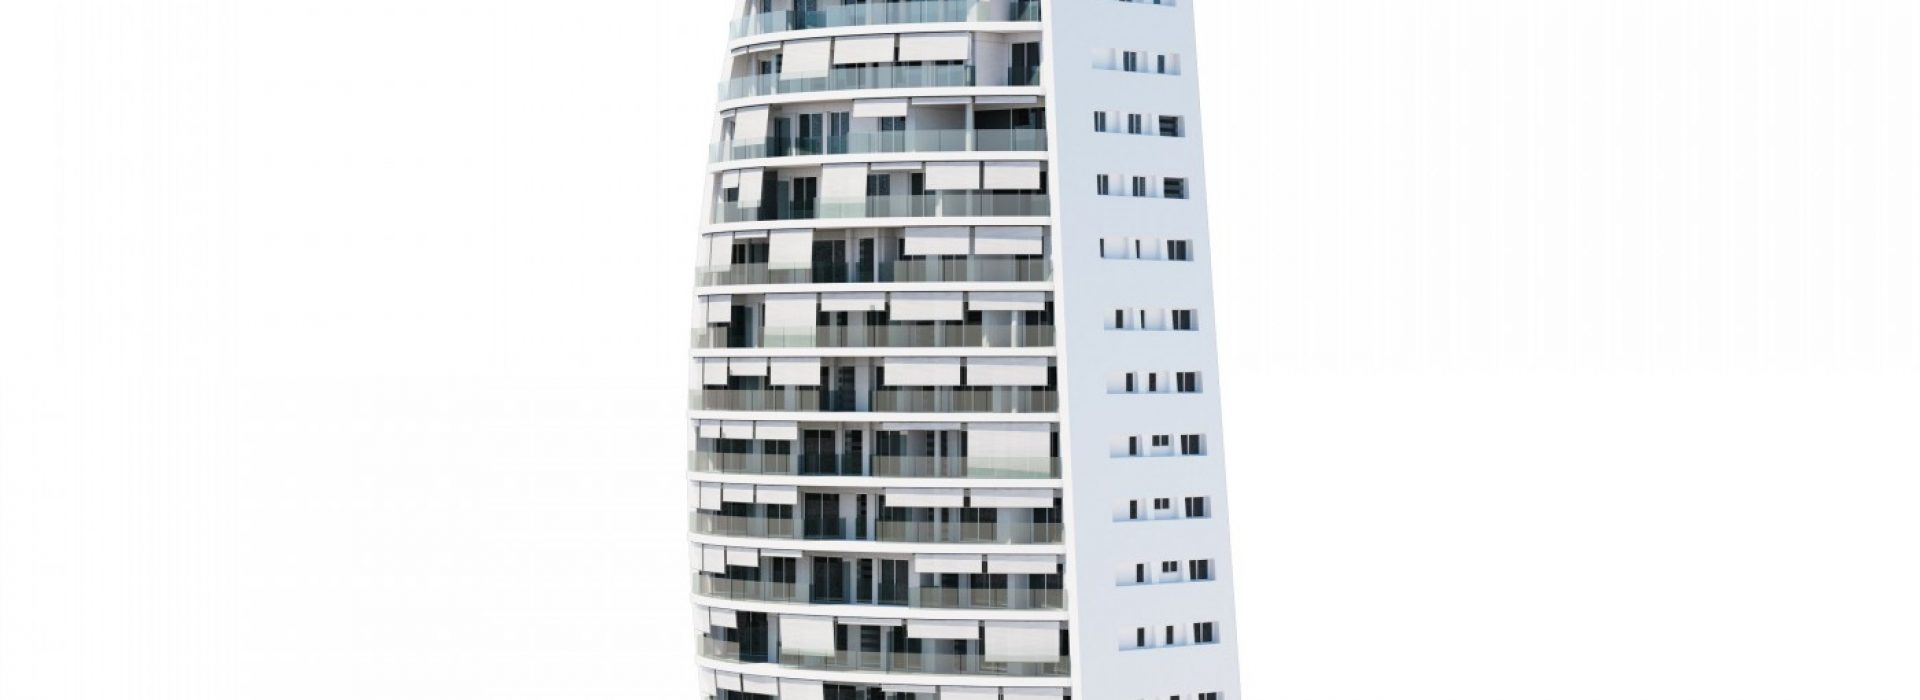 luksusowe-apartamenty-w-pierwszej-lini-brzegowej-w-benidormie-4-16131